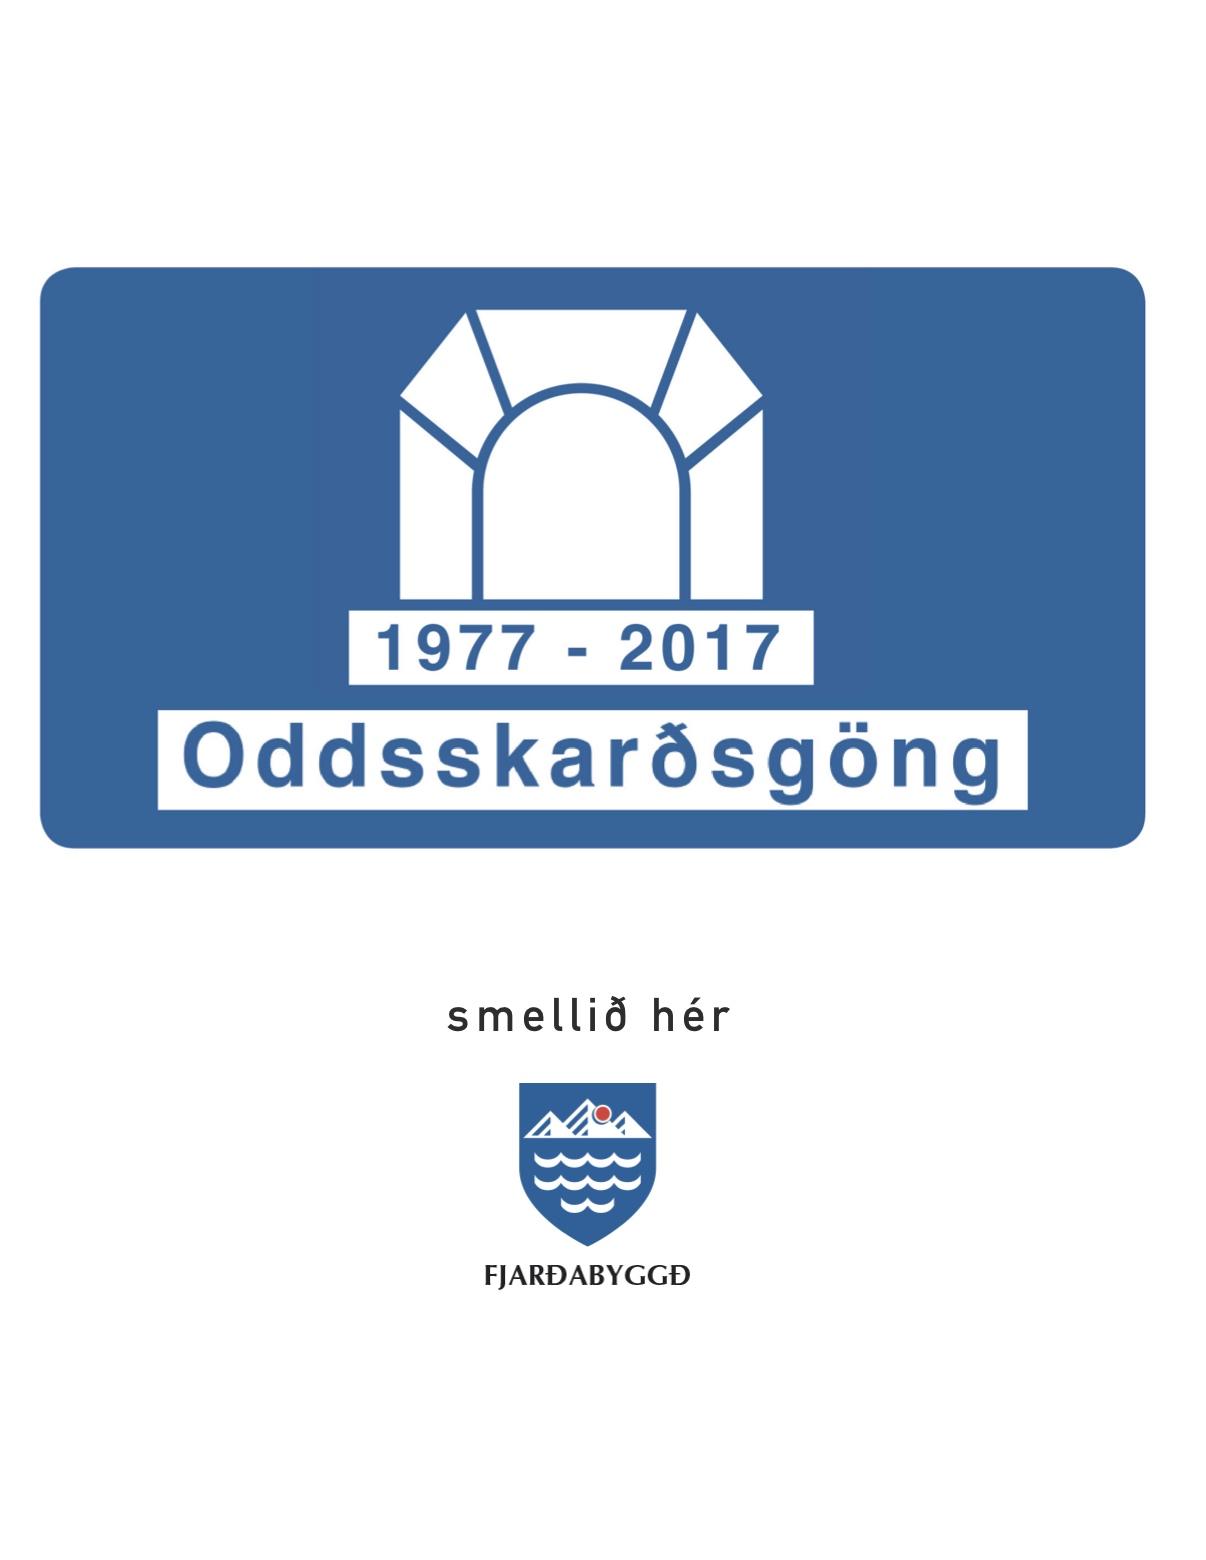 Fjarðabyggð_Oddskarð